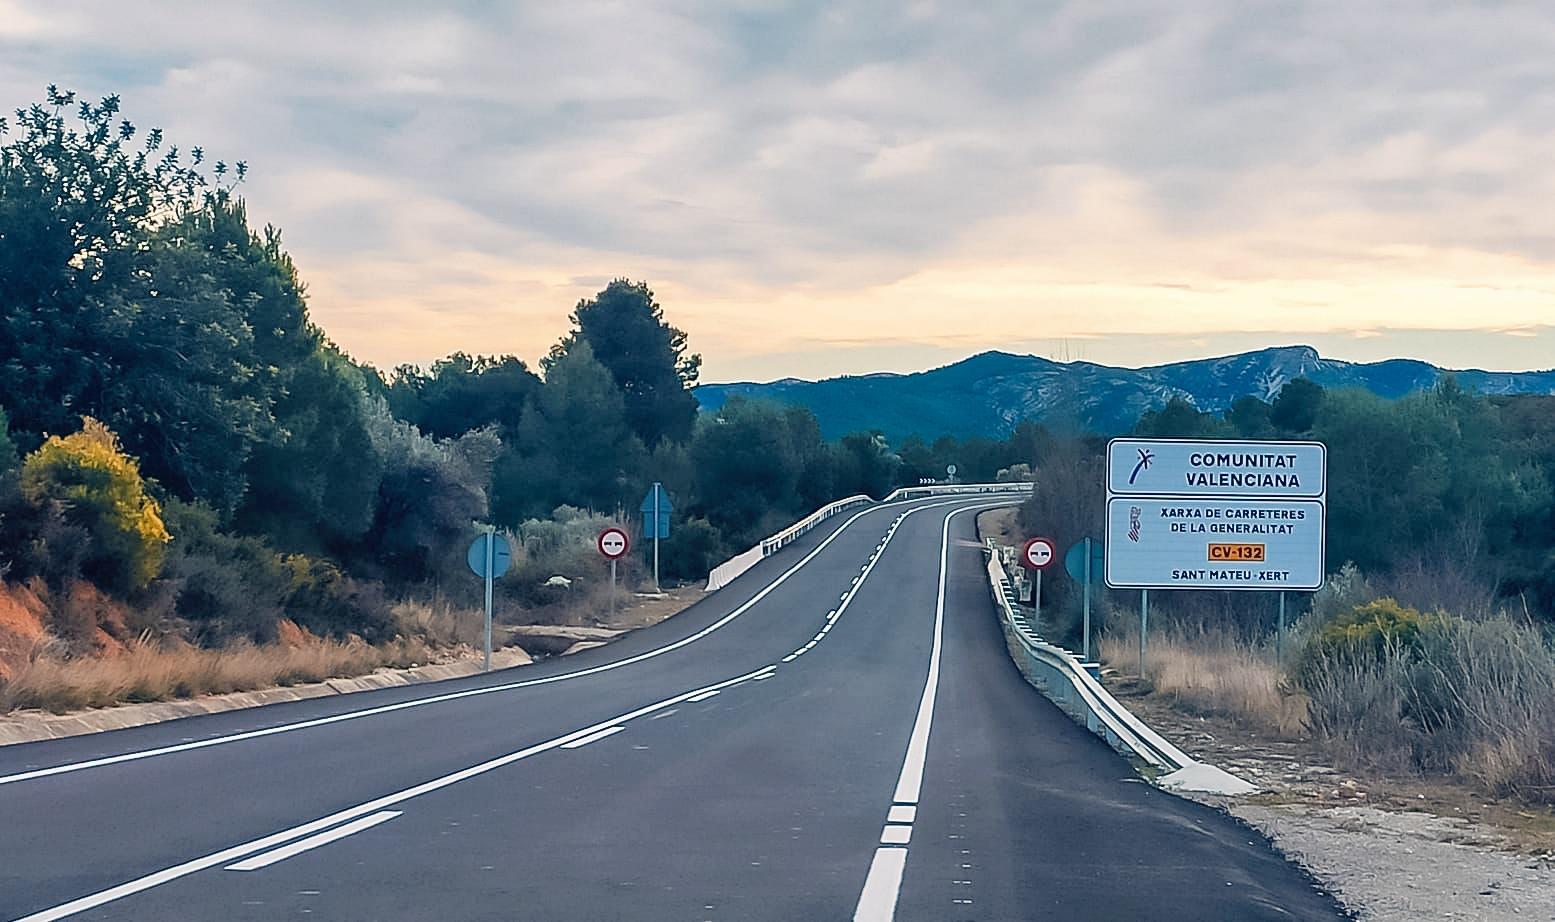 La Generalitat invierte 1,6 millones de euros en la mejora de la seguridad vial de las carreteras de la comarca del Baix Maestrat